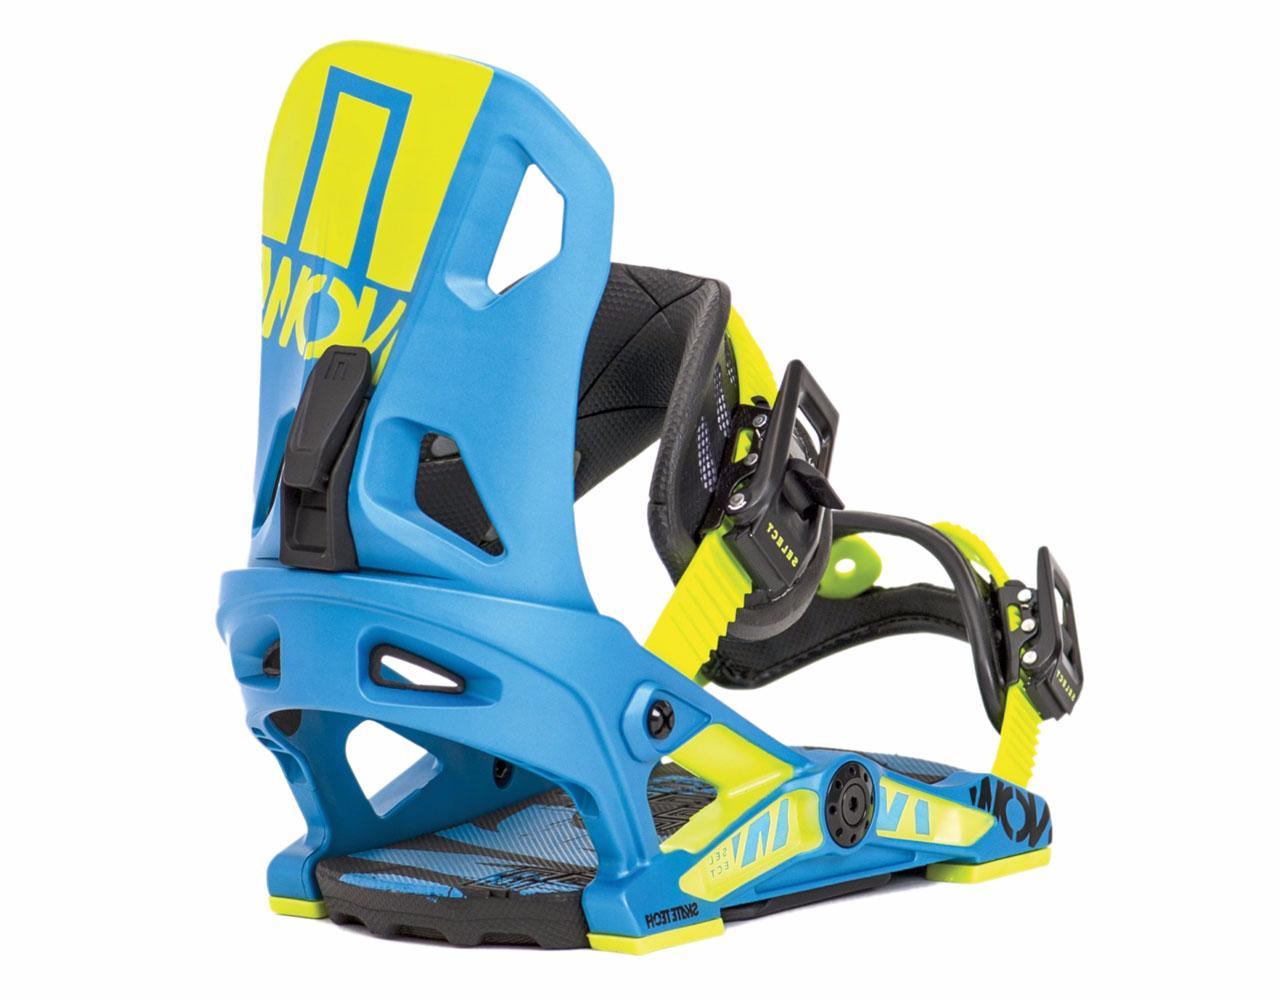 d82122ba4271 Сноуборд крепления NOW SELECT BLUE - купить недорого, цены в ...